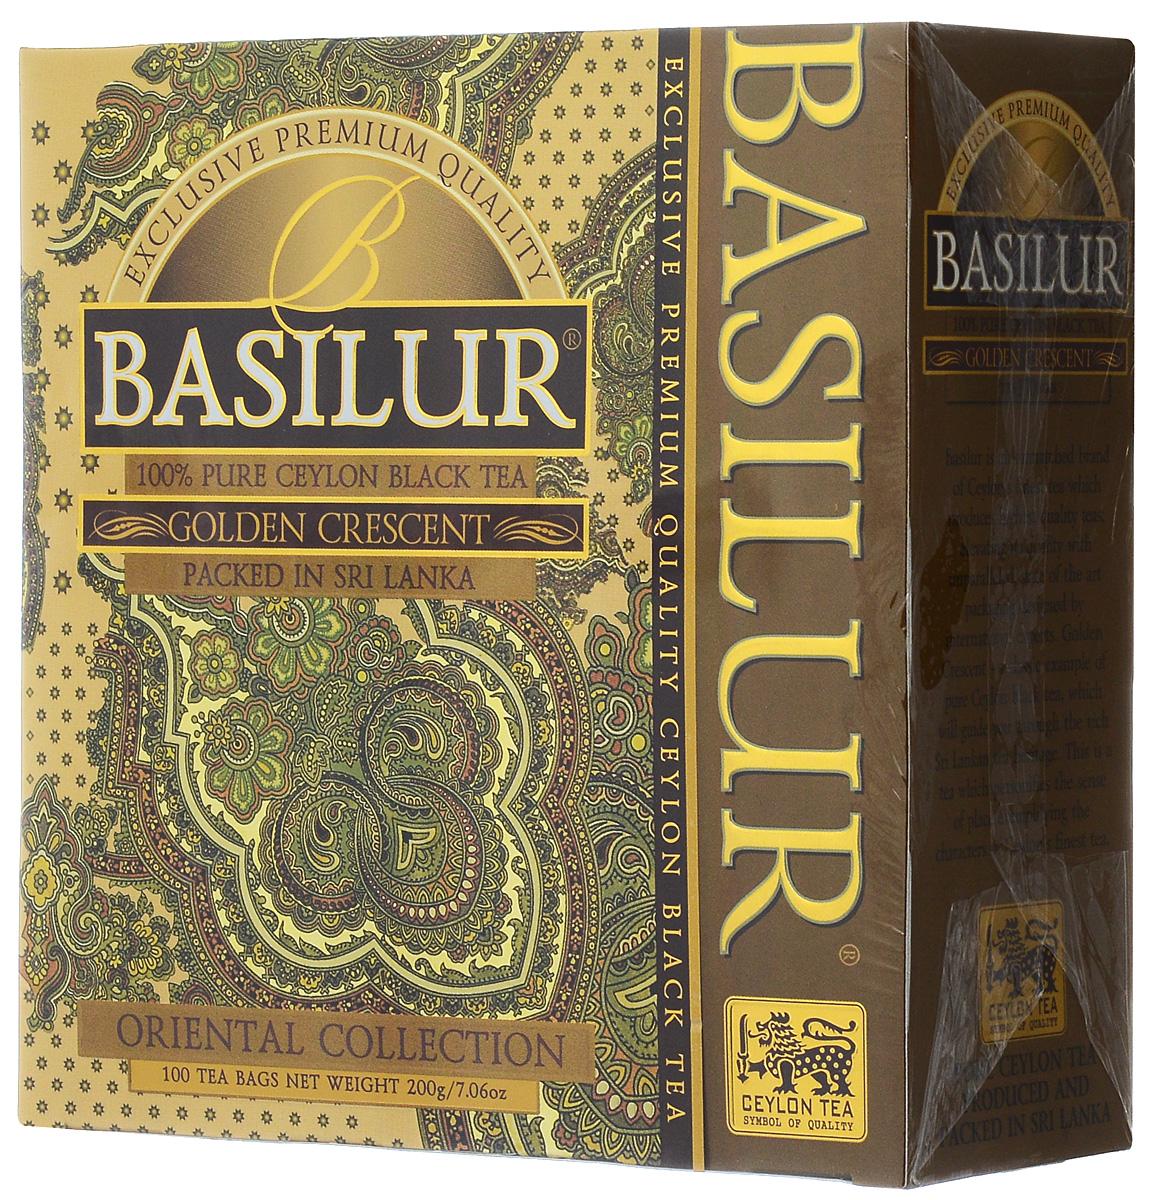 Basilur Golden Crescent черный чай в пакетиках, 100 шт майский черный бриллиант черный чай в пакетиках 100 шт